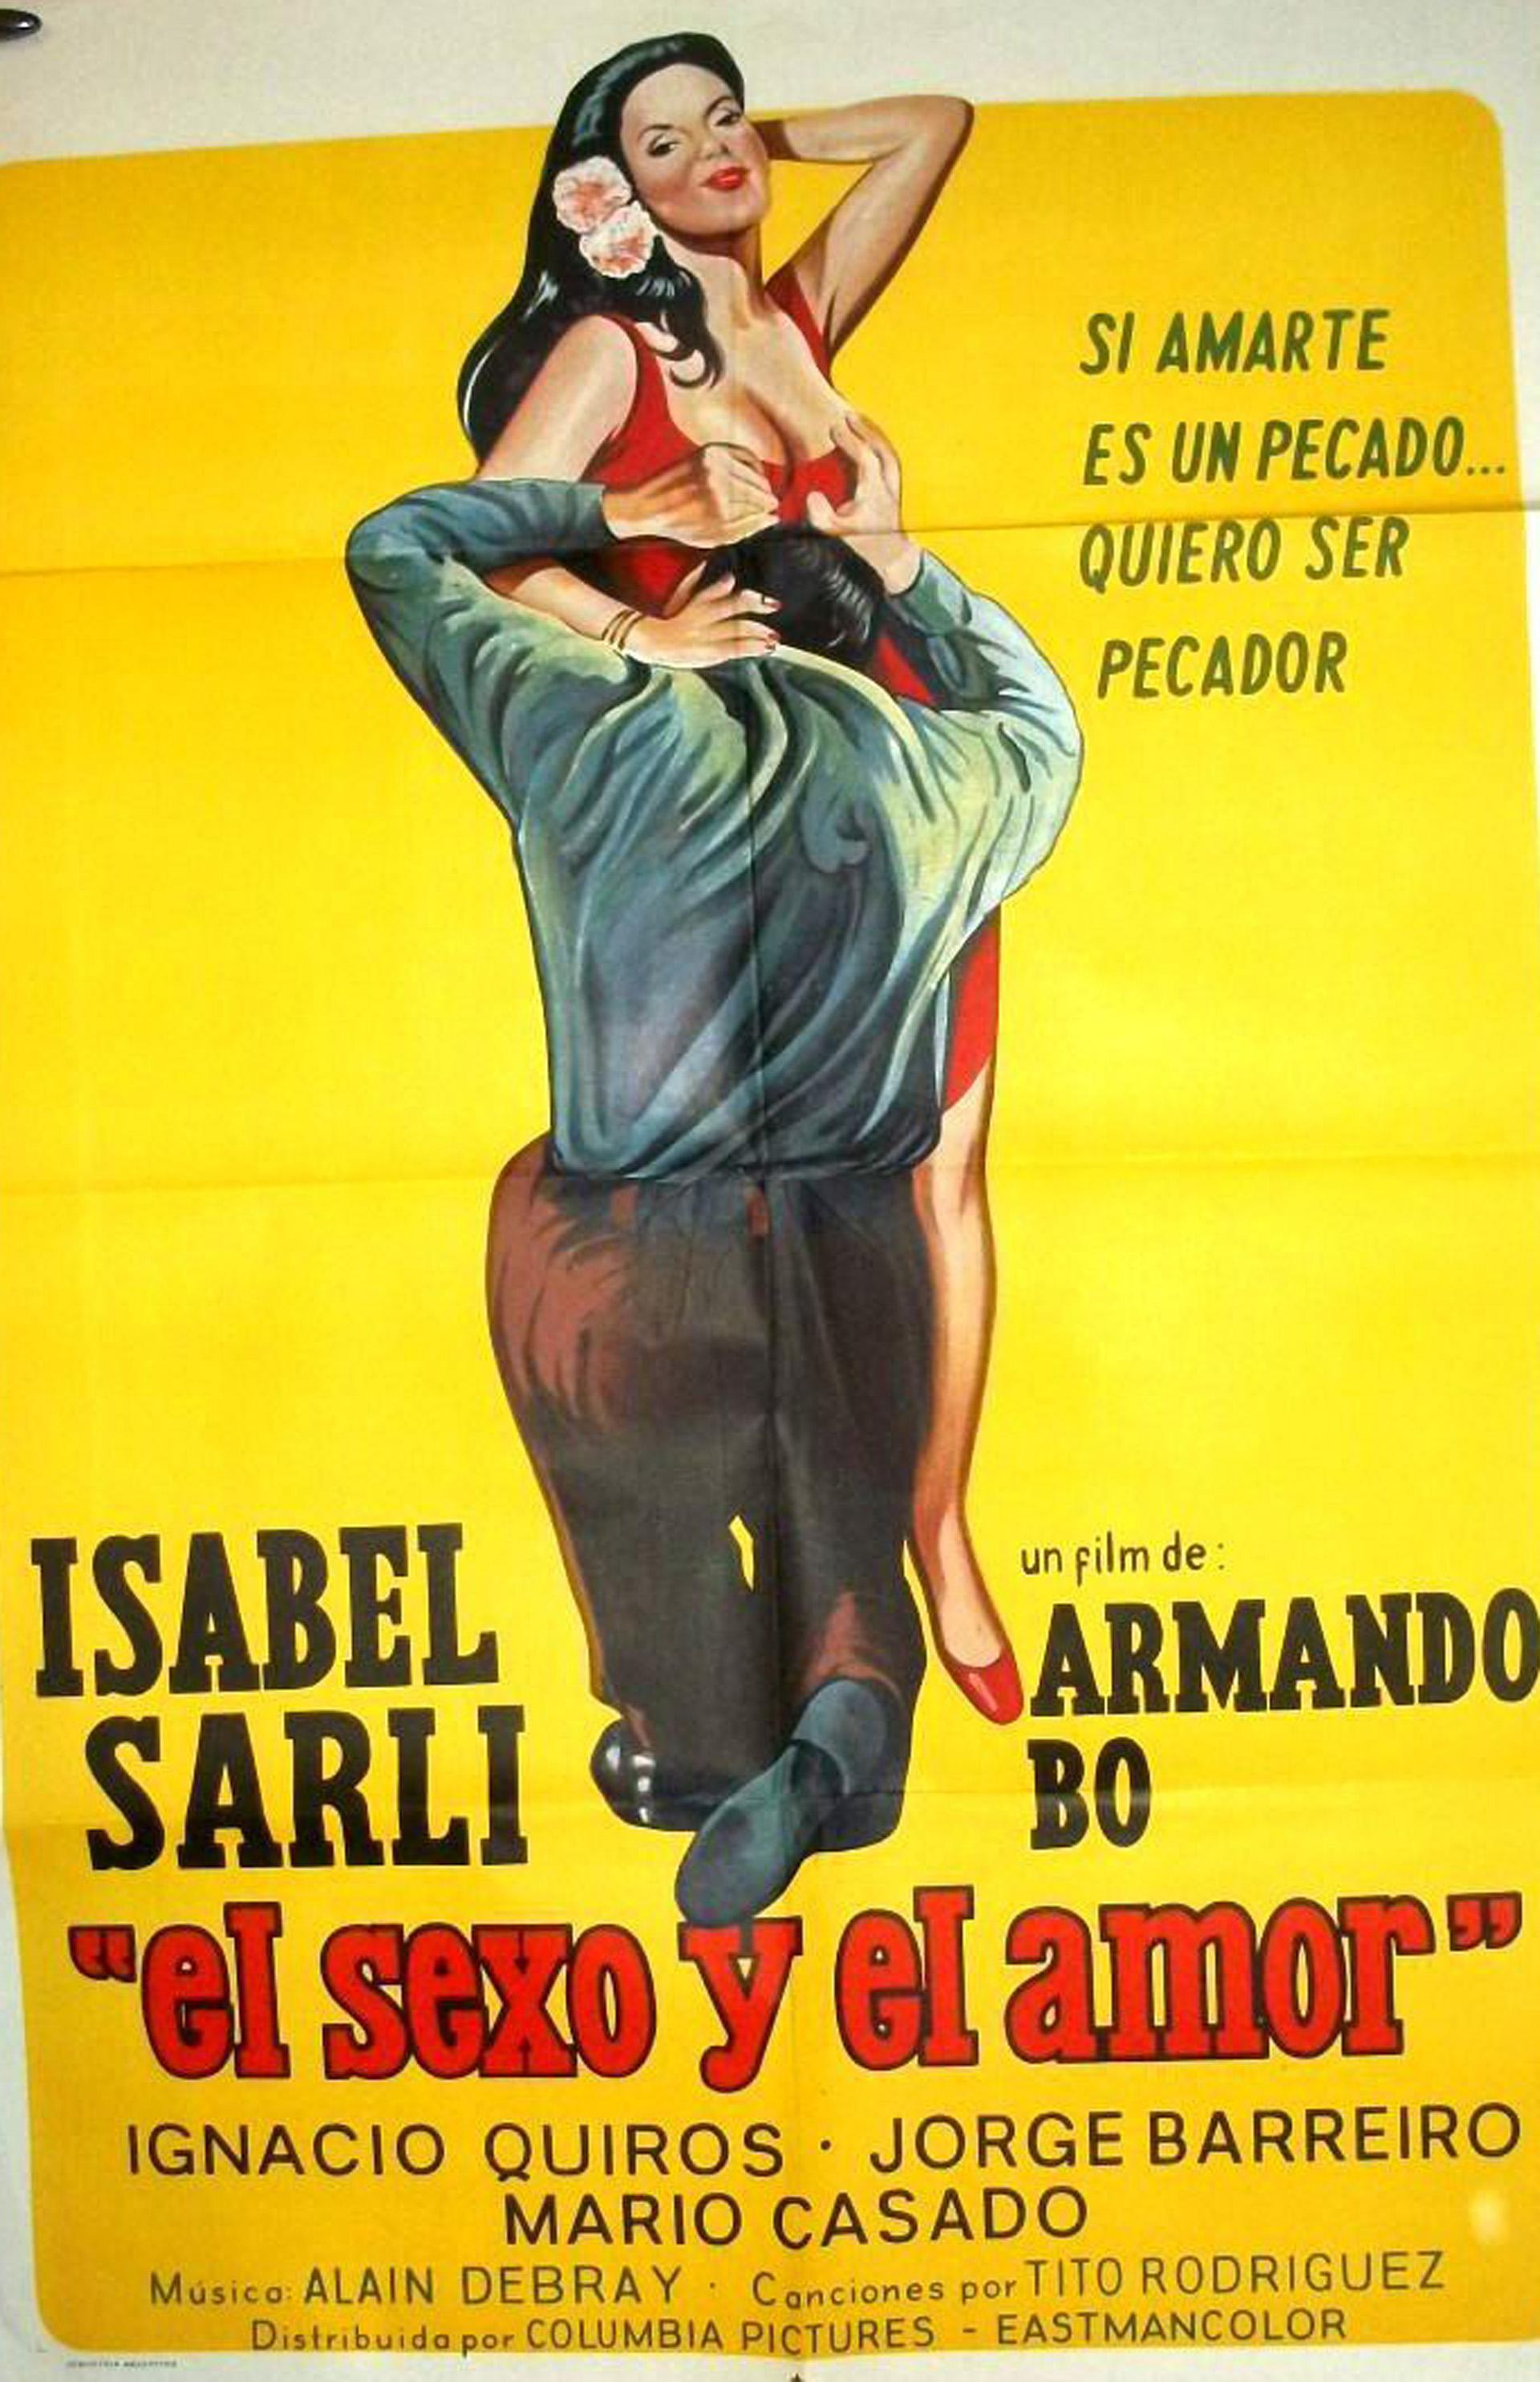 El sexo y el amor se estrenó en 1974 y tambén es protagonizada por Bó. Cuenta la historia de un hombre que tras quedar paralítico en un accidente, incita a su mujer para que sea infiel